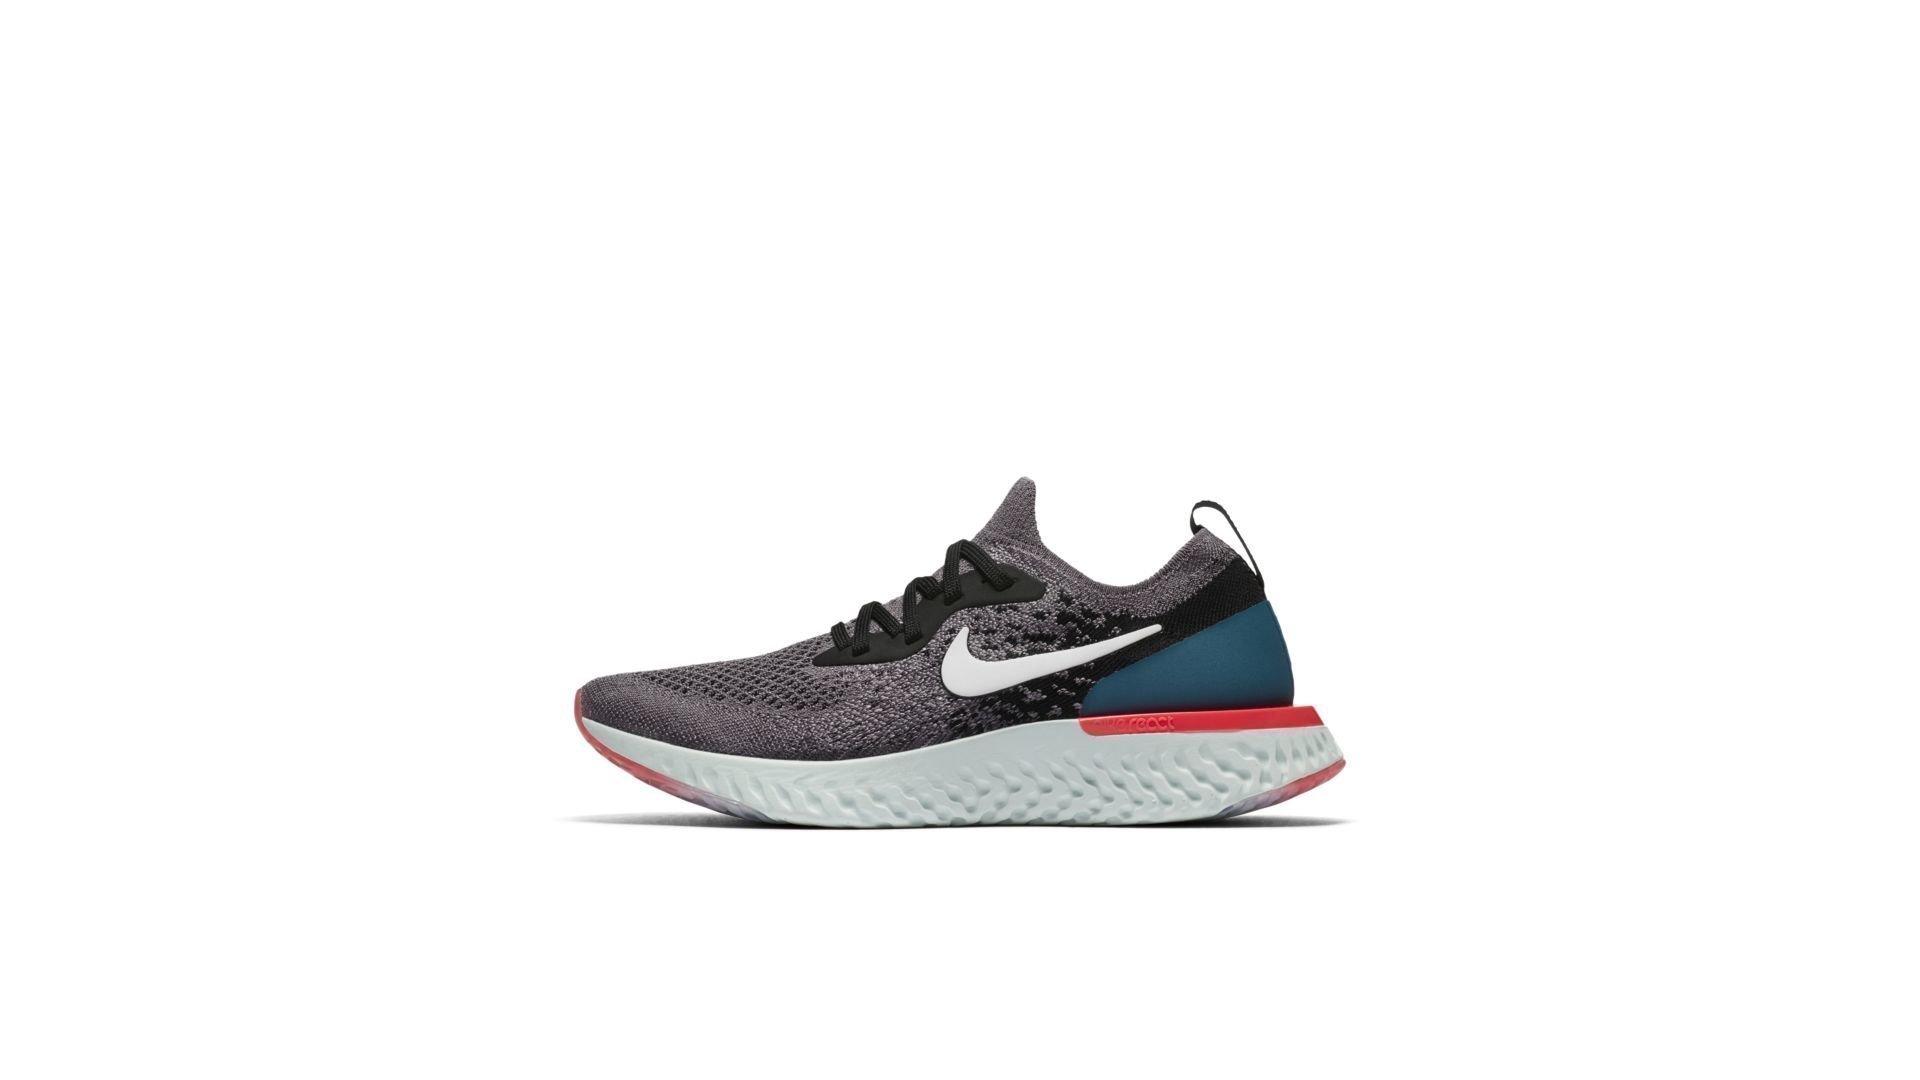 Nike Epic React Flyknit Gunsmoke Black Geode Teal (GS) (943311-010)